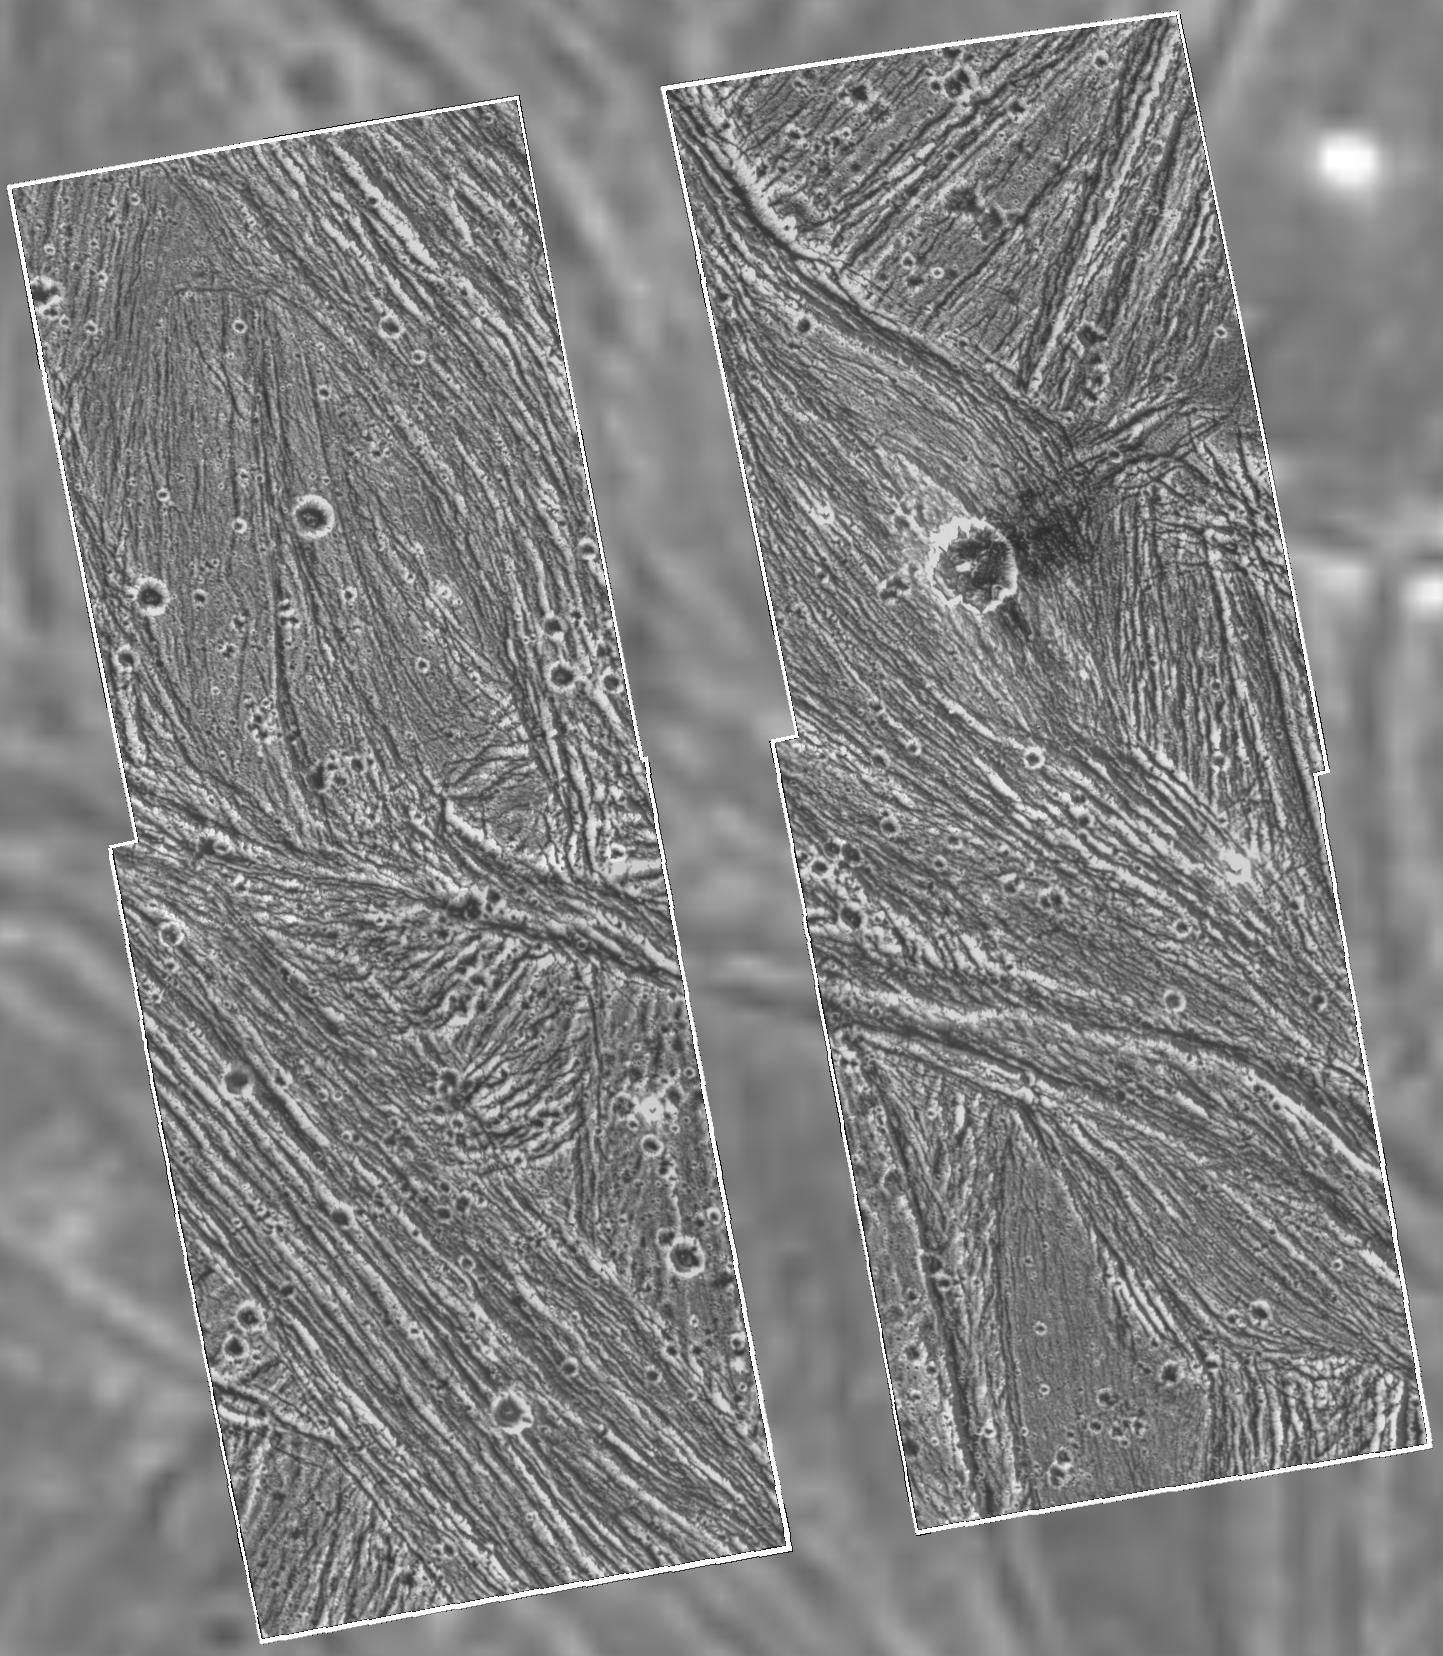 APOD: Galileo Views Ganymede